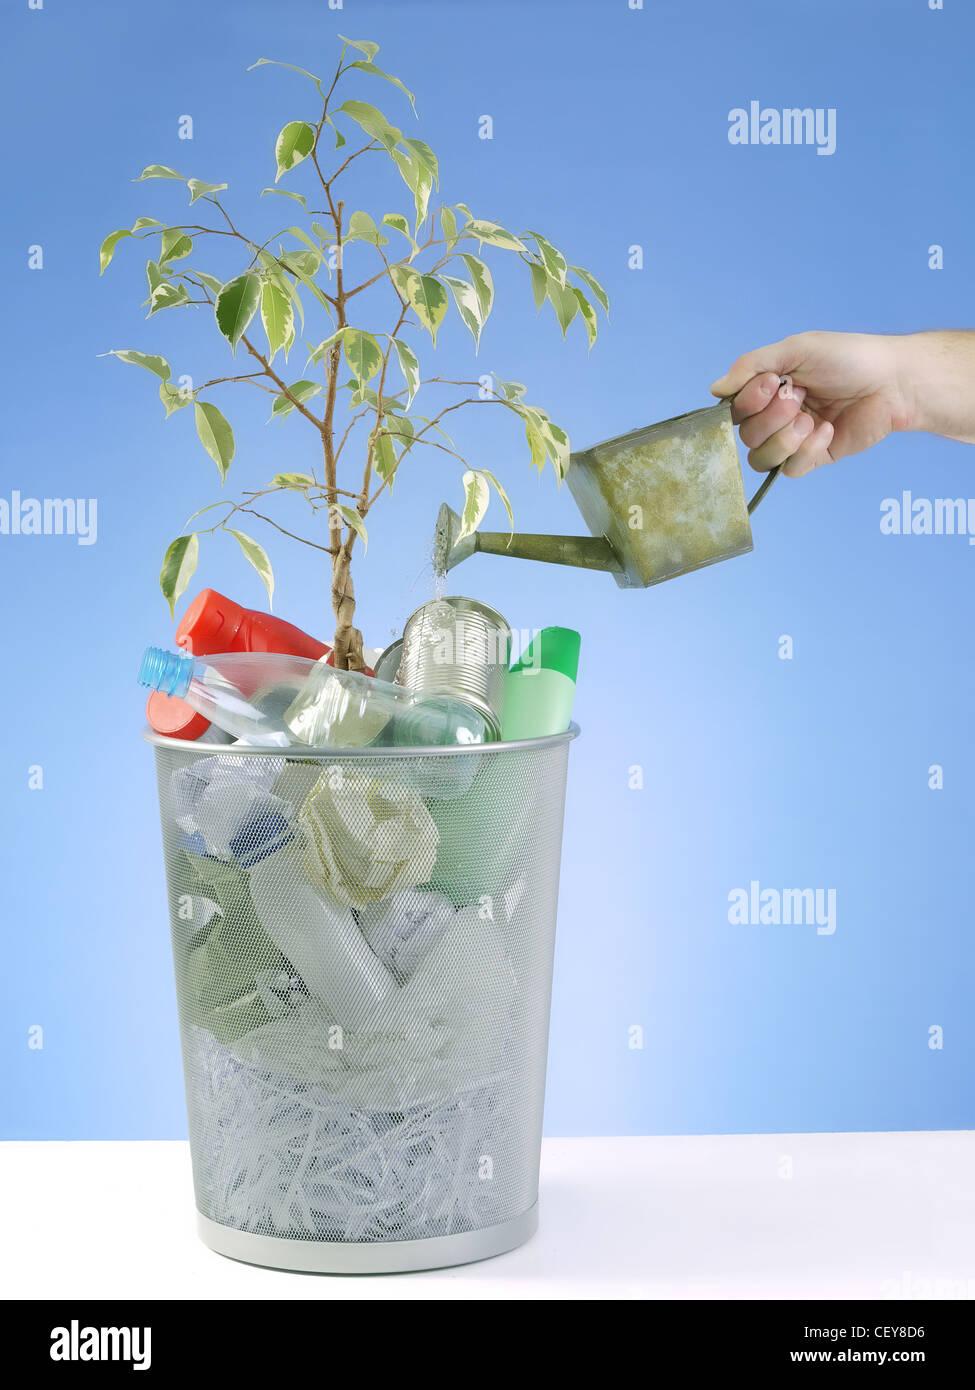 Pflänzchen wachsen in Papierkorb voller Hausmüll mit Wasser begossen werden kann auf blauem Hintergrund Stockbild